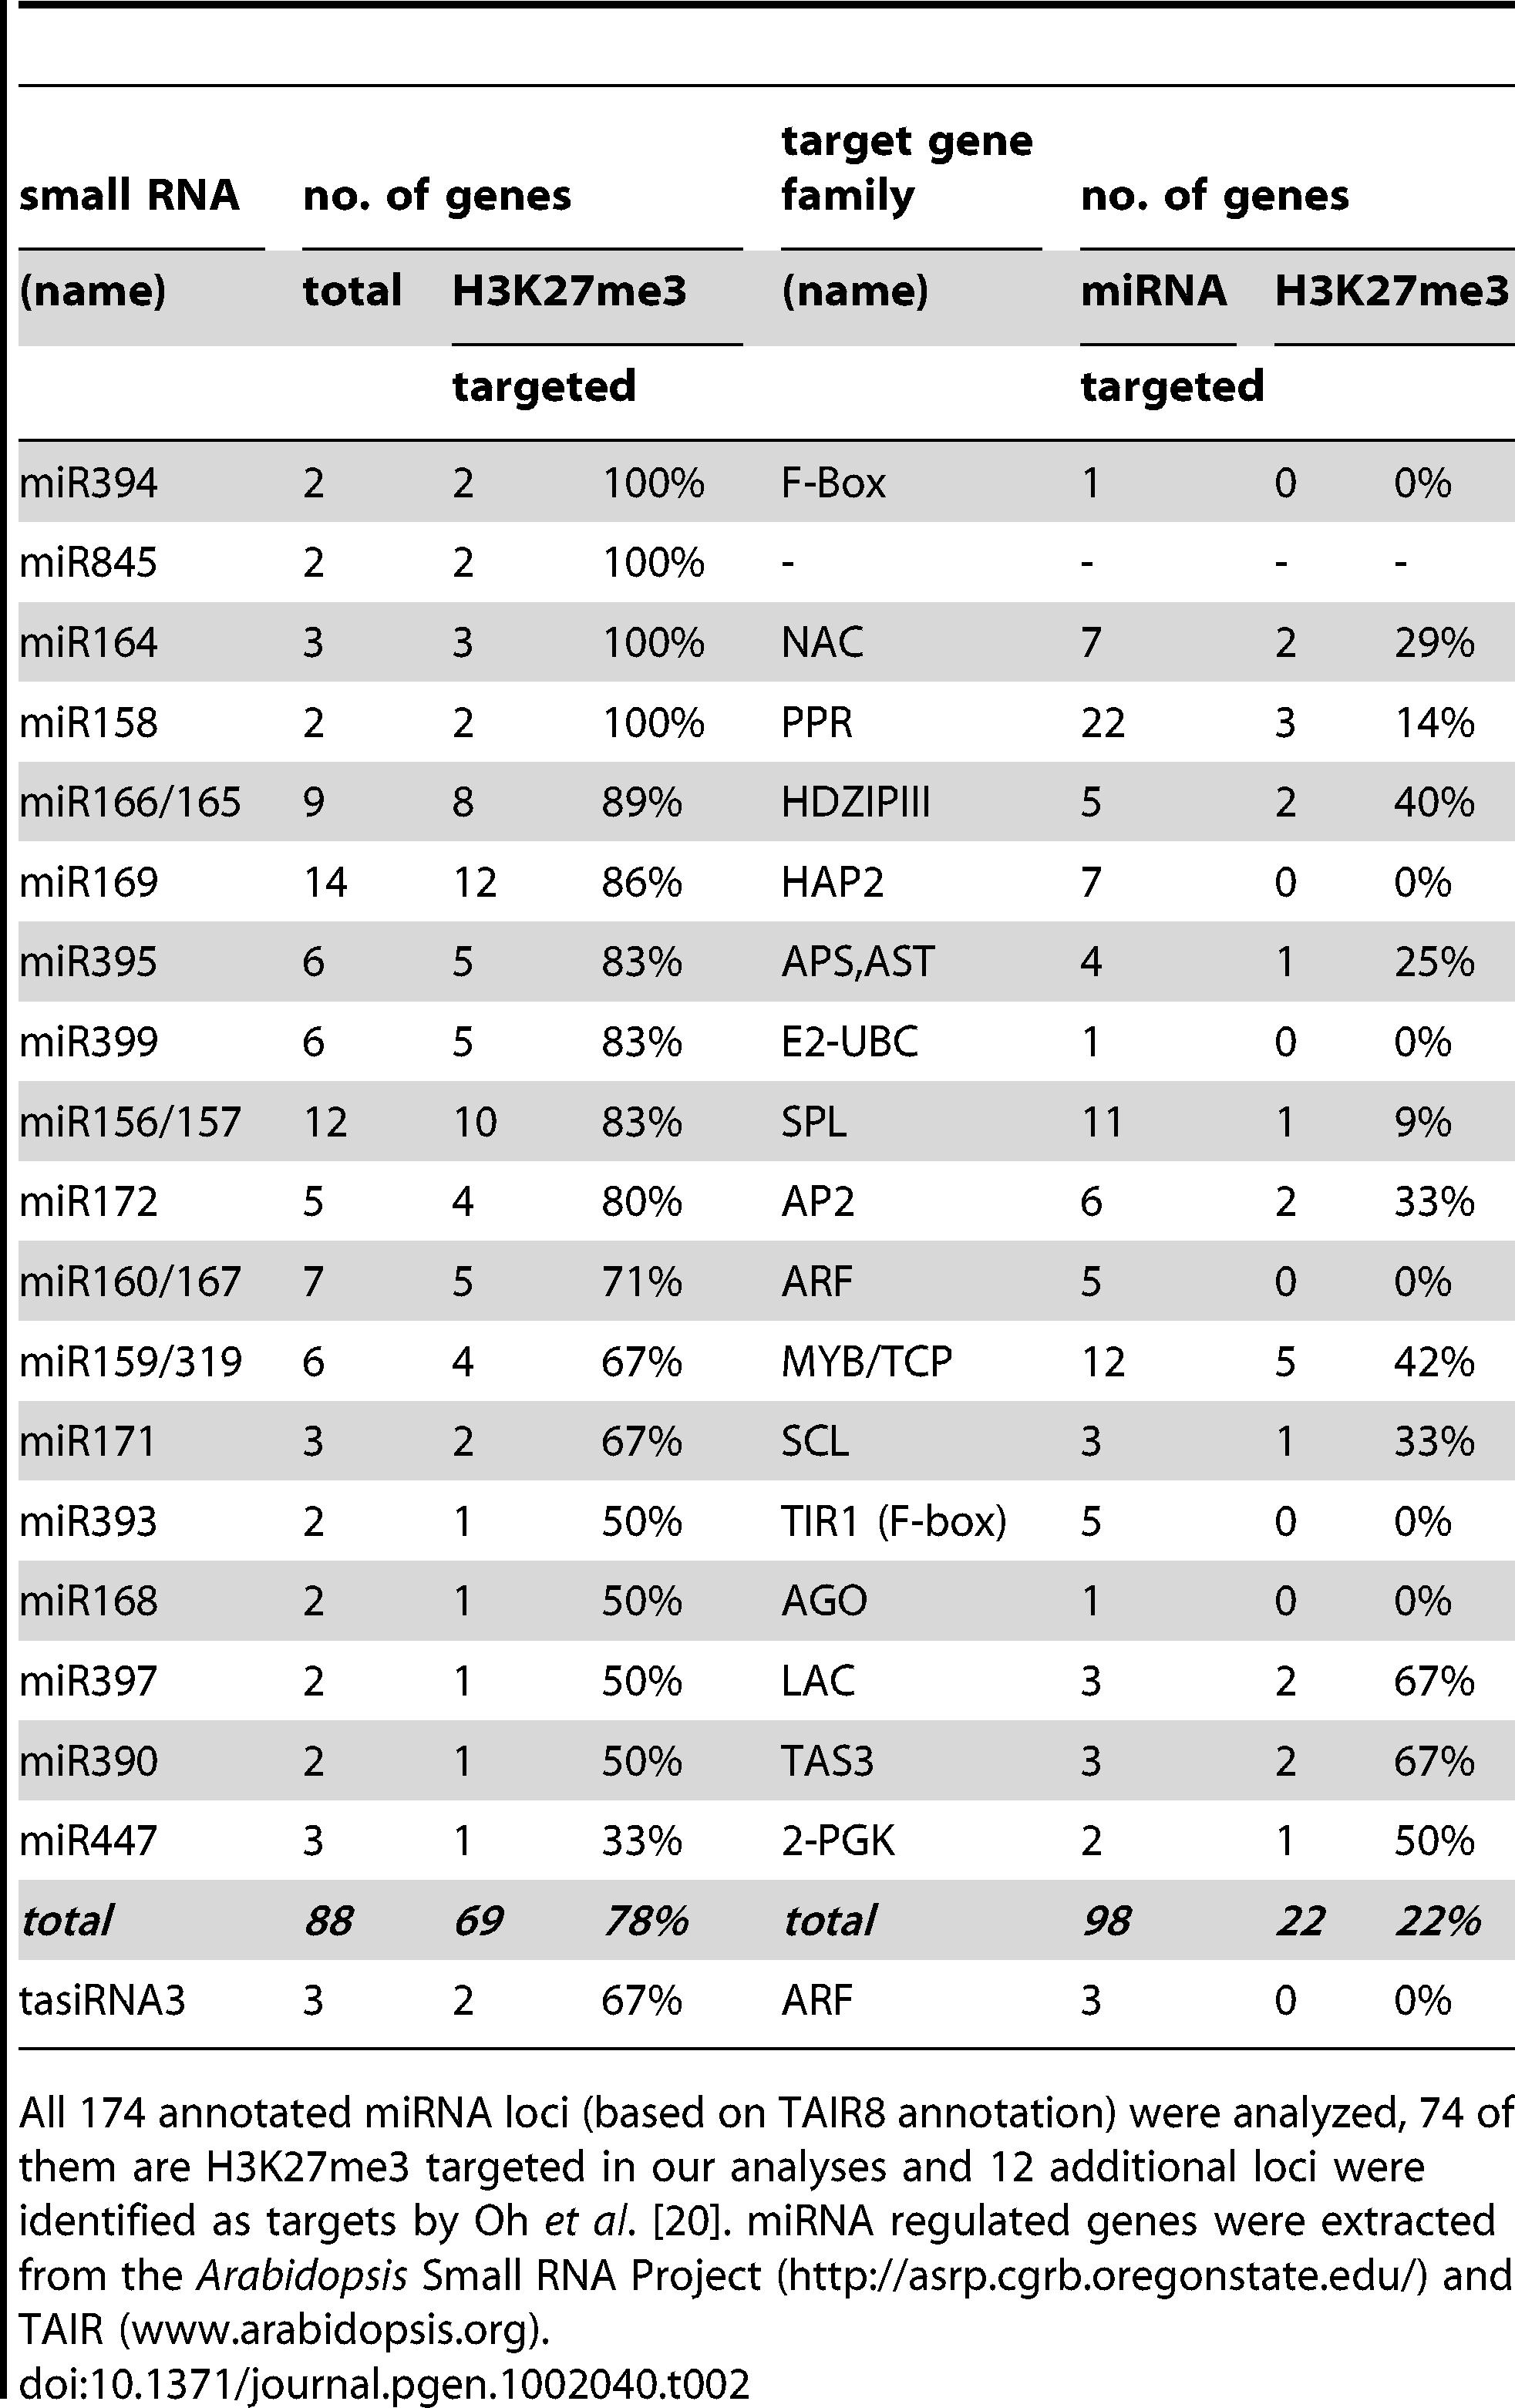 H3K27me3 targeted miRNAs or tasiRNAs encoded by multiple loci and H3K27me3 regulation of their target genes.